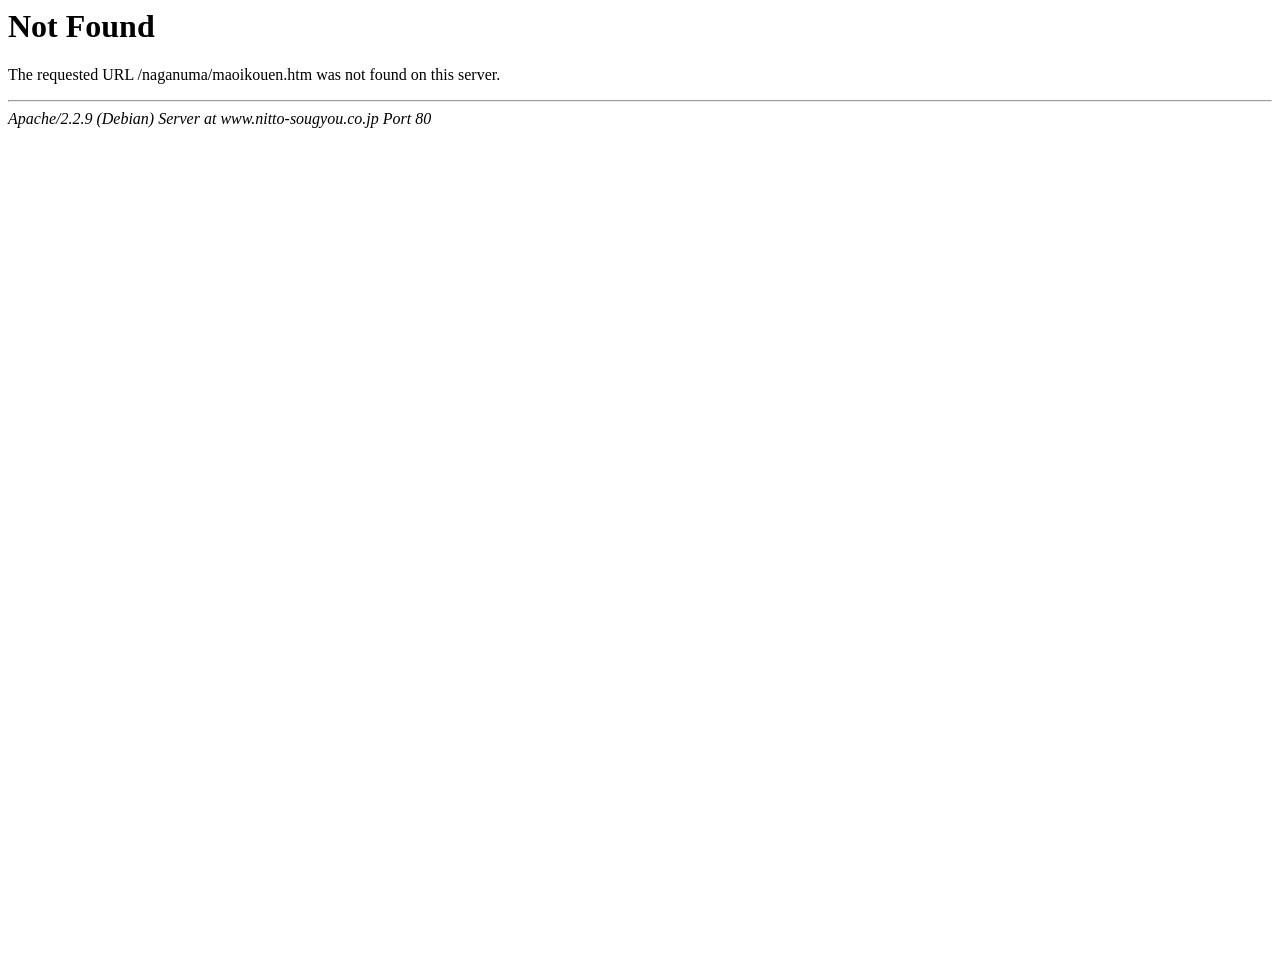 http://www.nitto-sougyou.co.jp/naganuma/maoikouen.htm